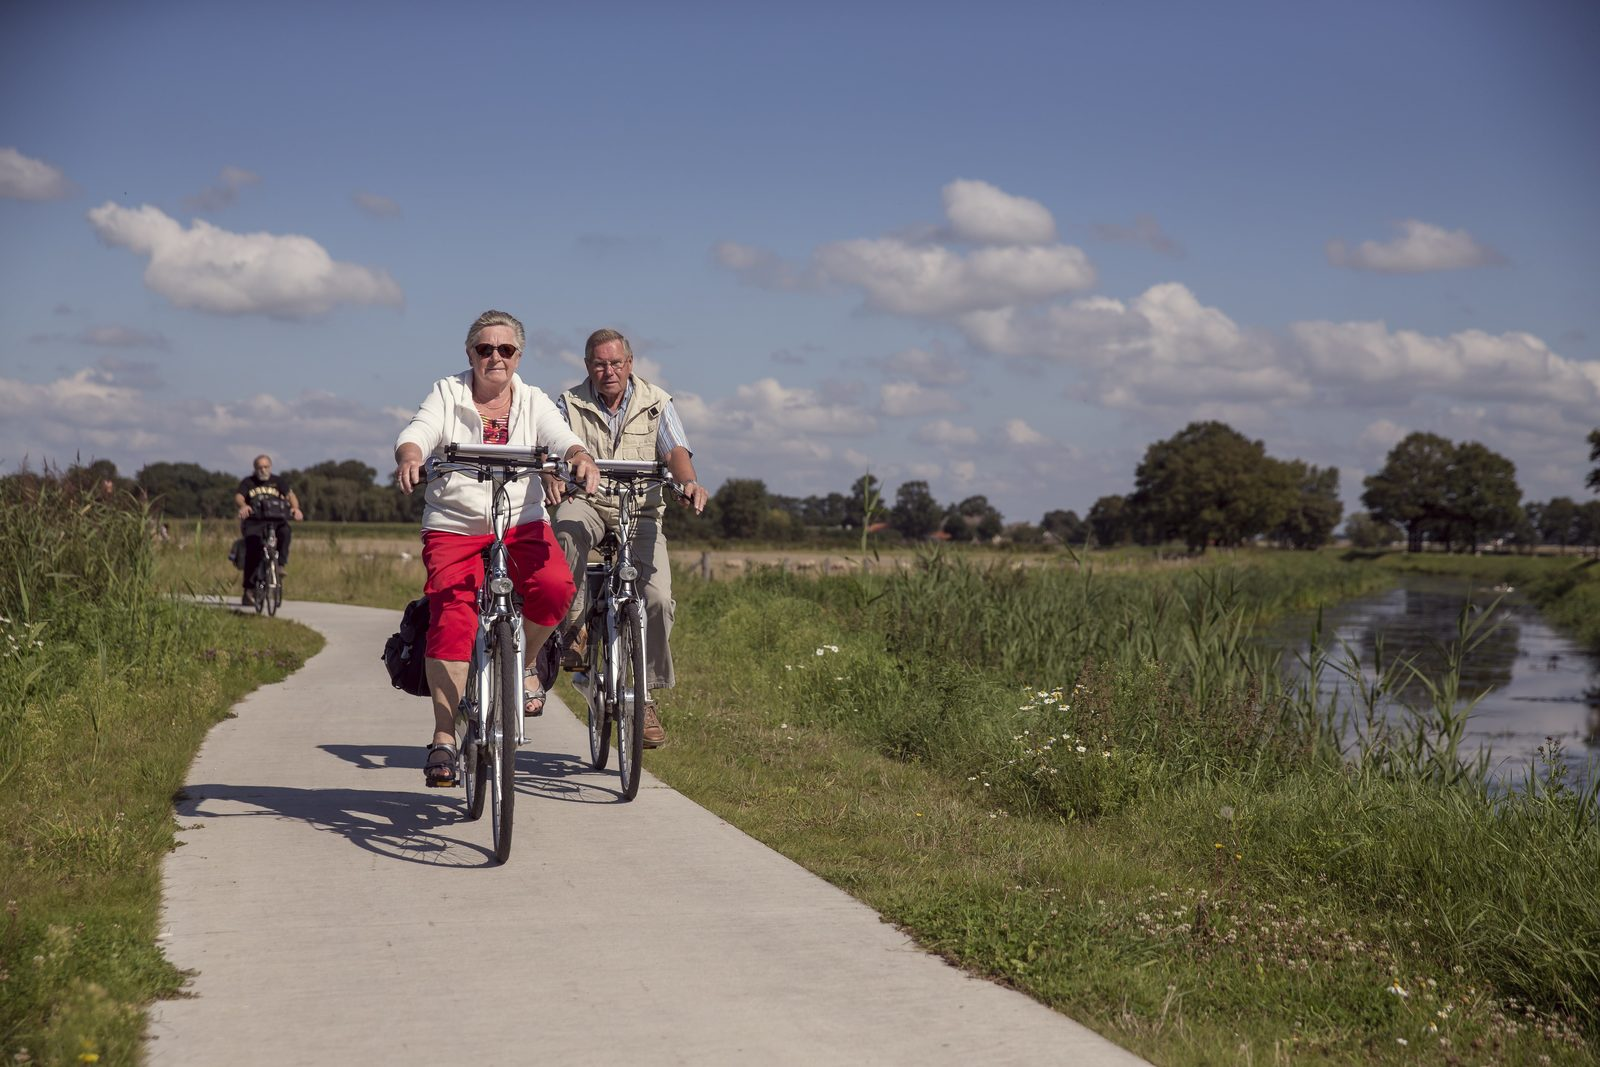 Recreatiewoningen in Overijssel | Prachtige omgeving in Overijssel